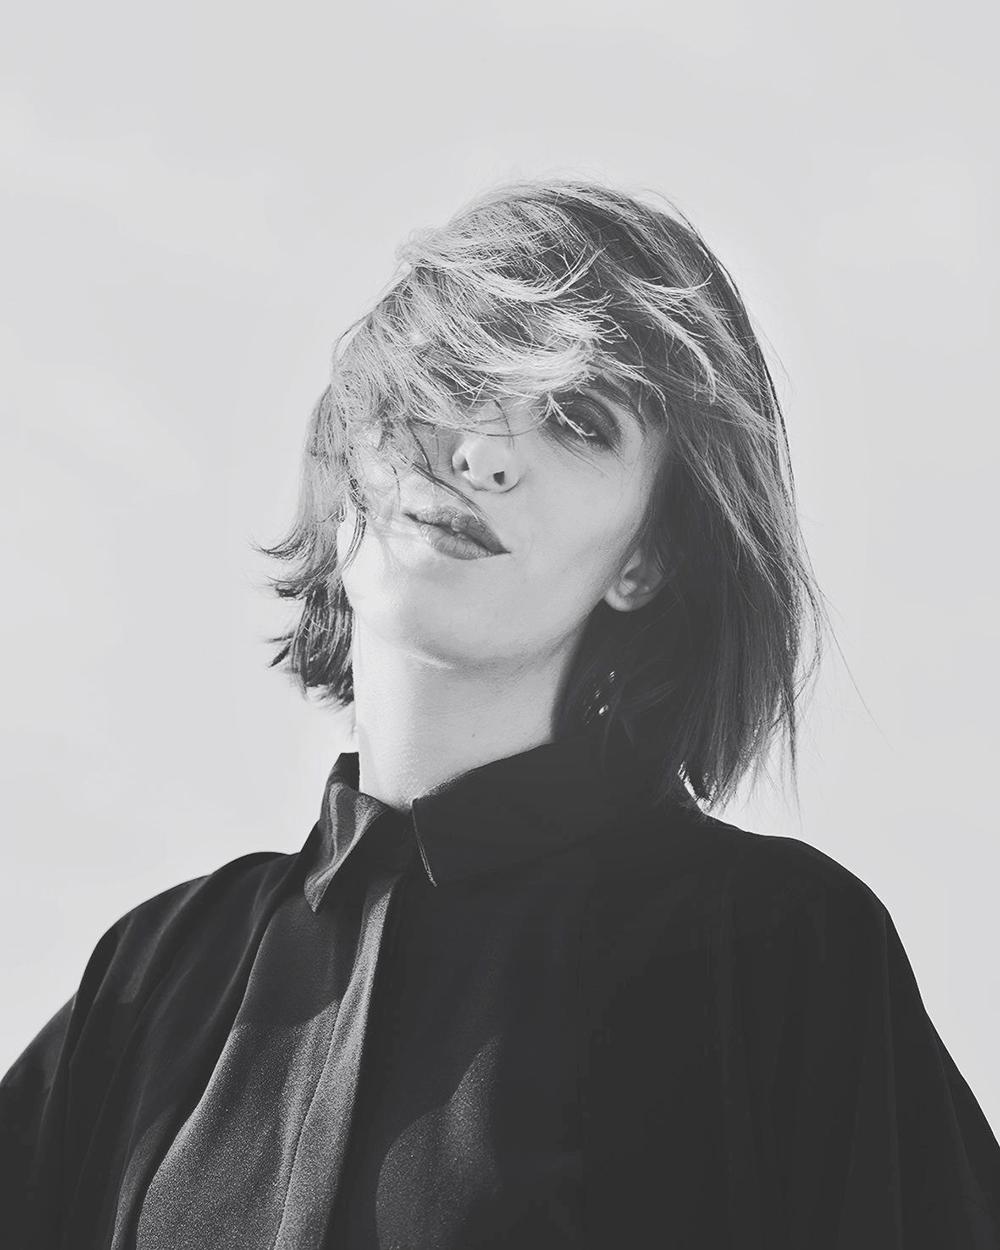 julia- Julie coustarot